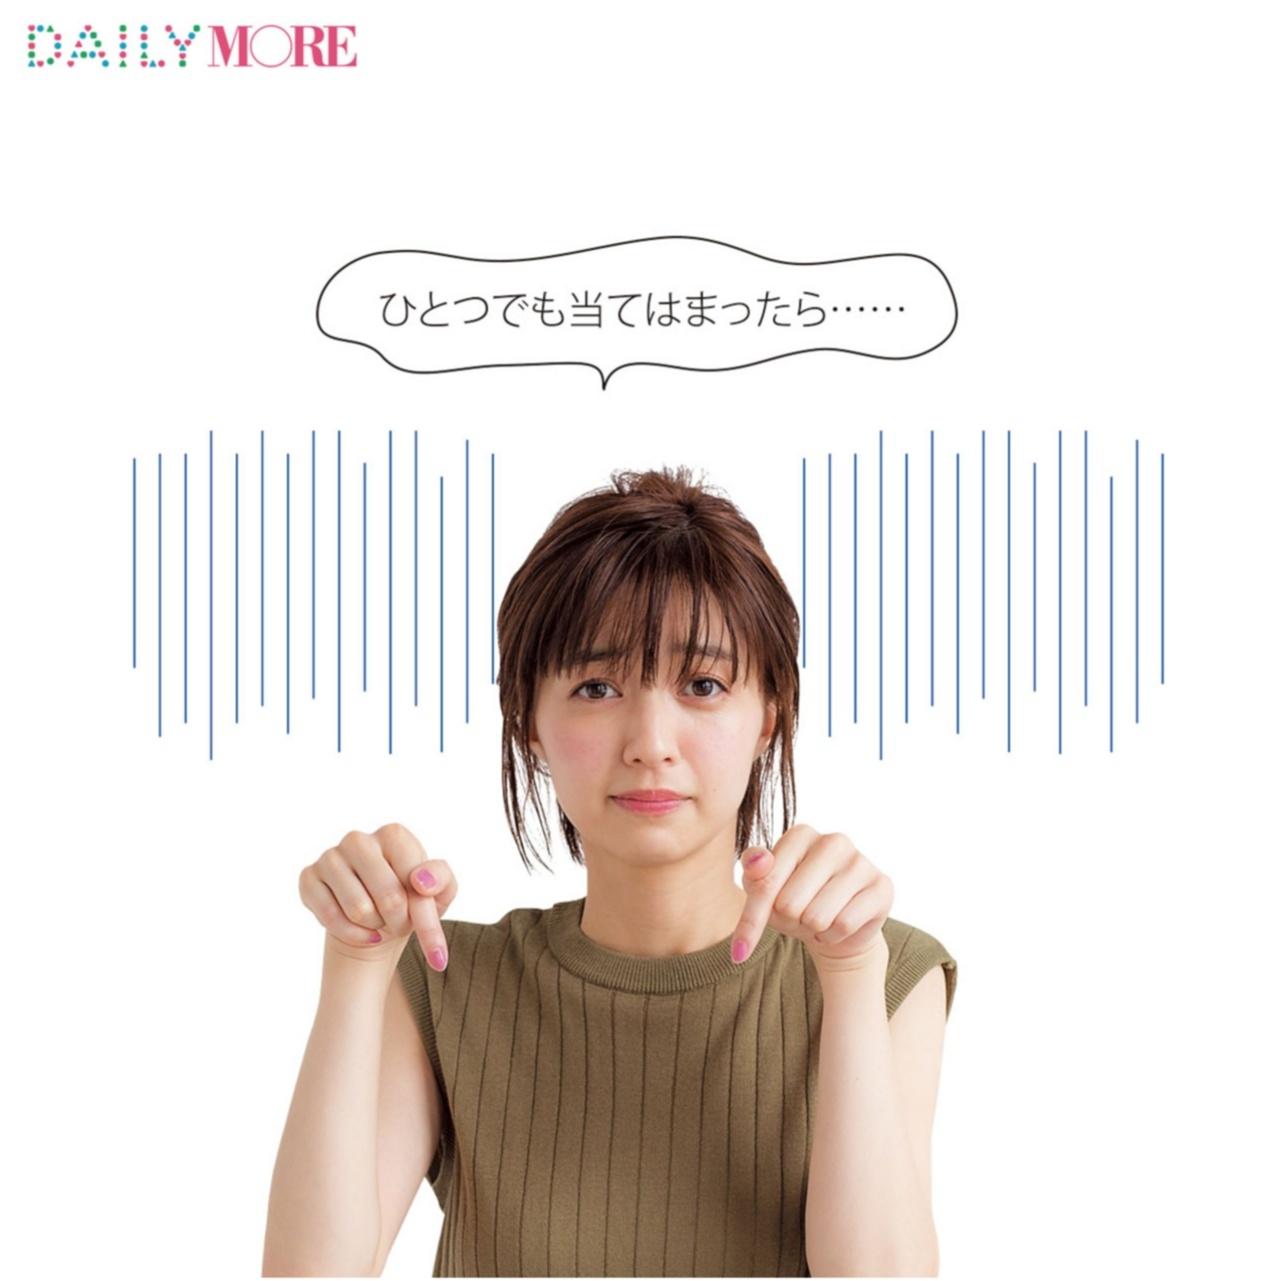 「熱バテ肌」を克服して「シンプル服メイク」を始めよう! 今週のビューティ人気ランキングトップ3☆_2